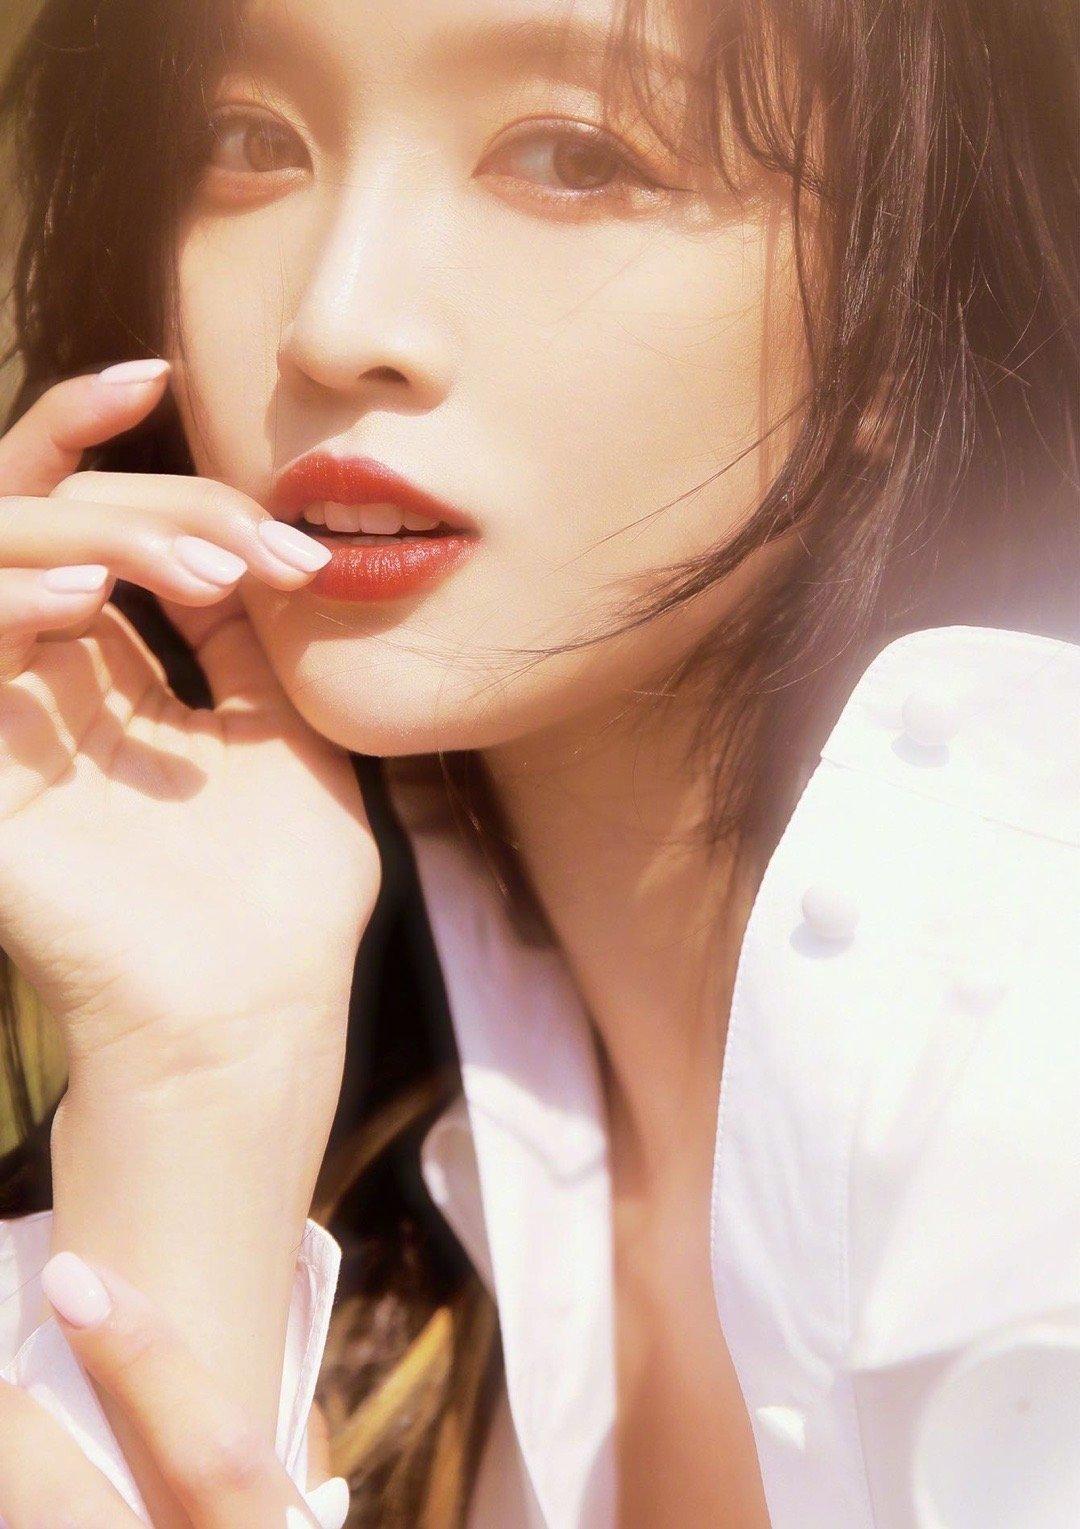 吴宣仪春日写真,穿白色衬衫裙搭配红唇,锁骨杀和长腿杀一起